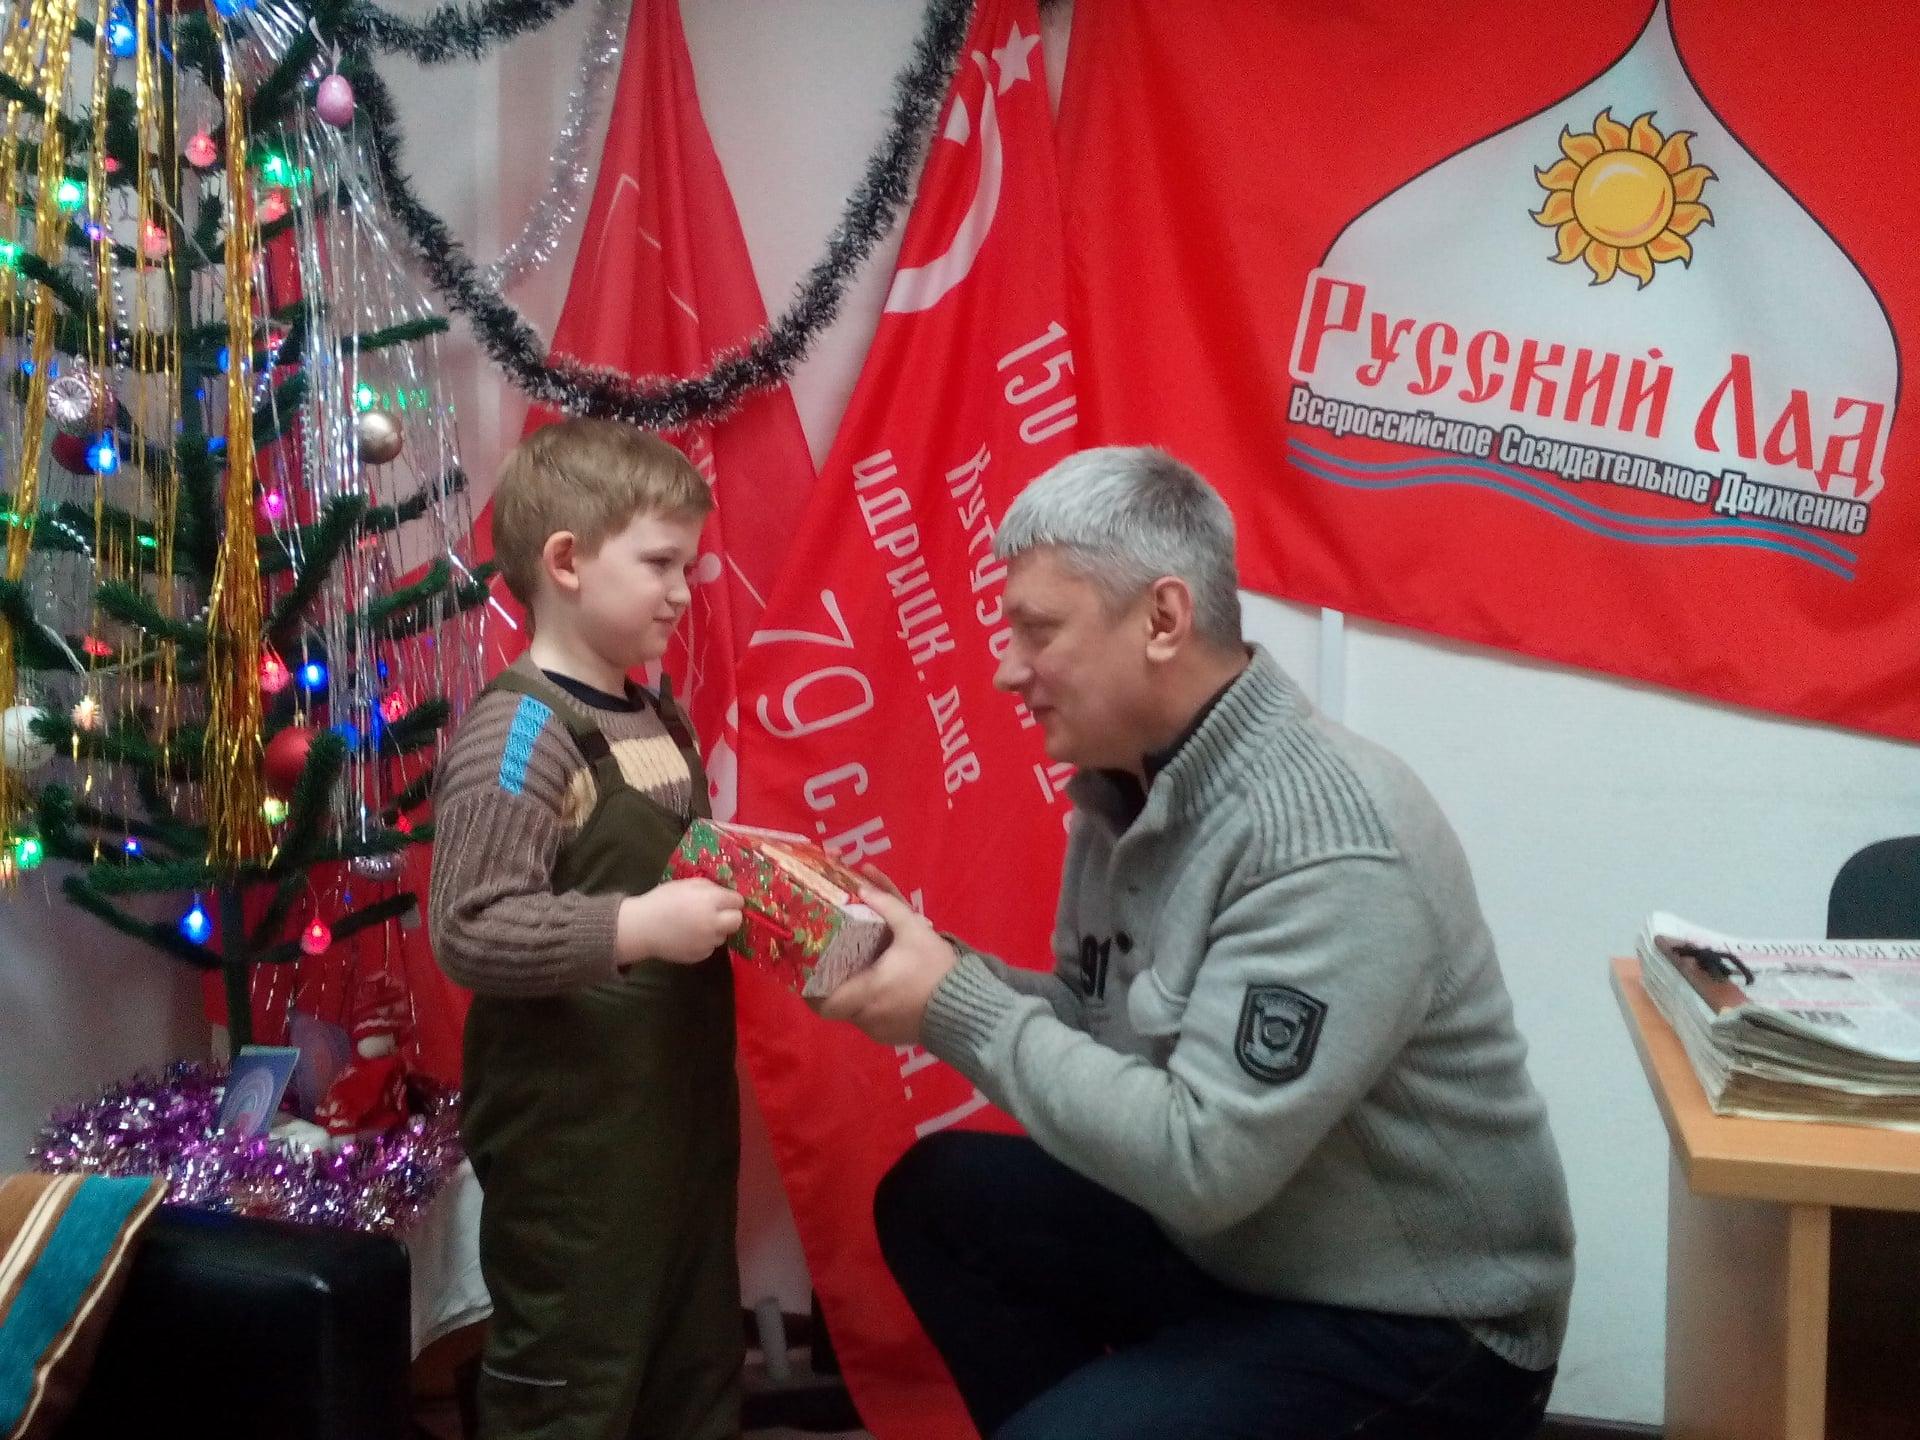 Депутат вручил детям билеты на детские спектакли